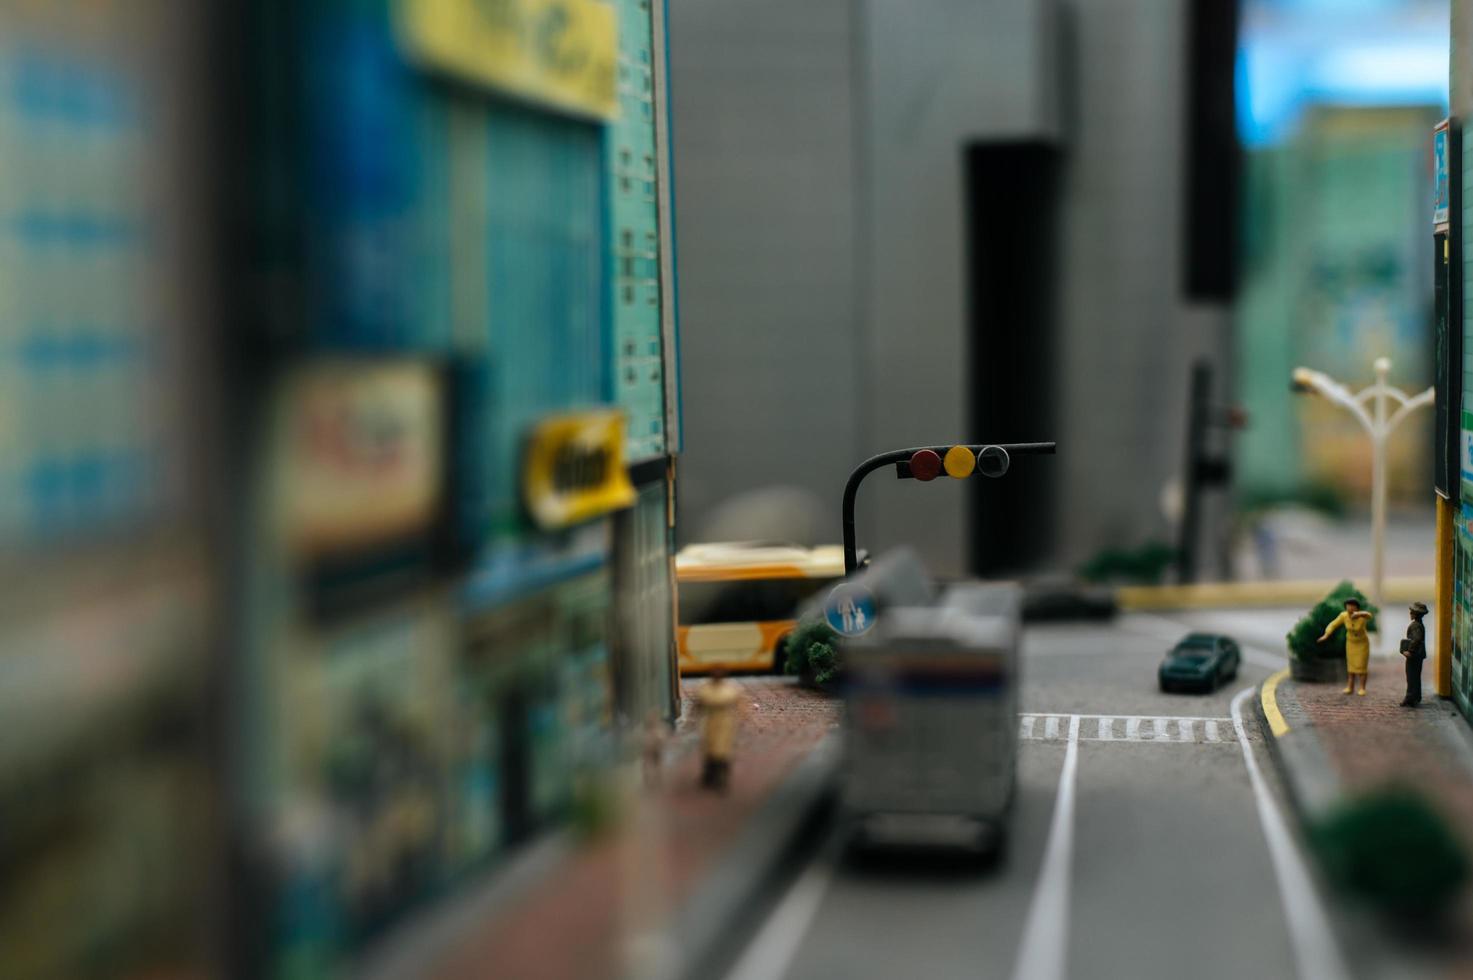 Vista cercana de un pequeño semáforo en la carretera foto